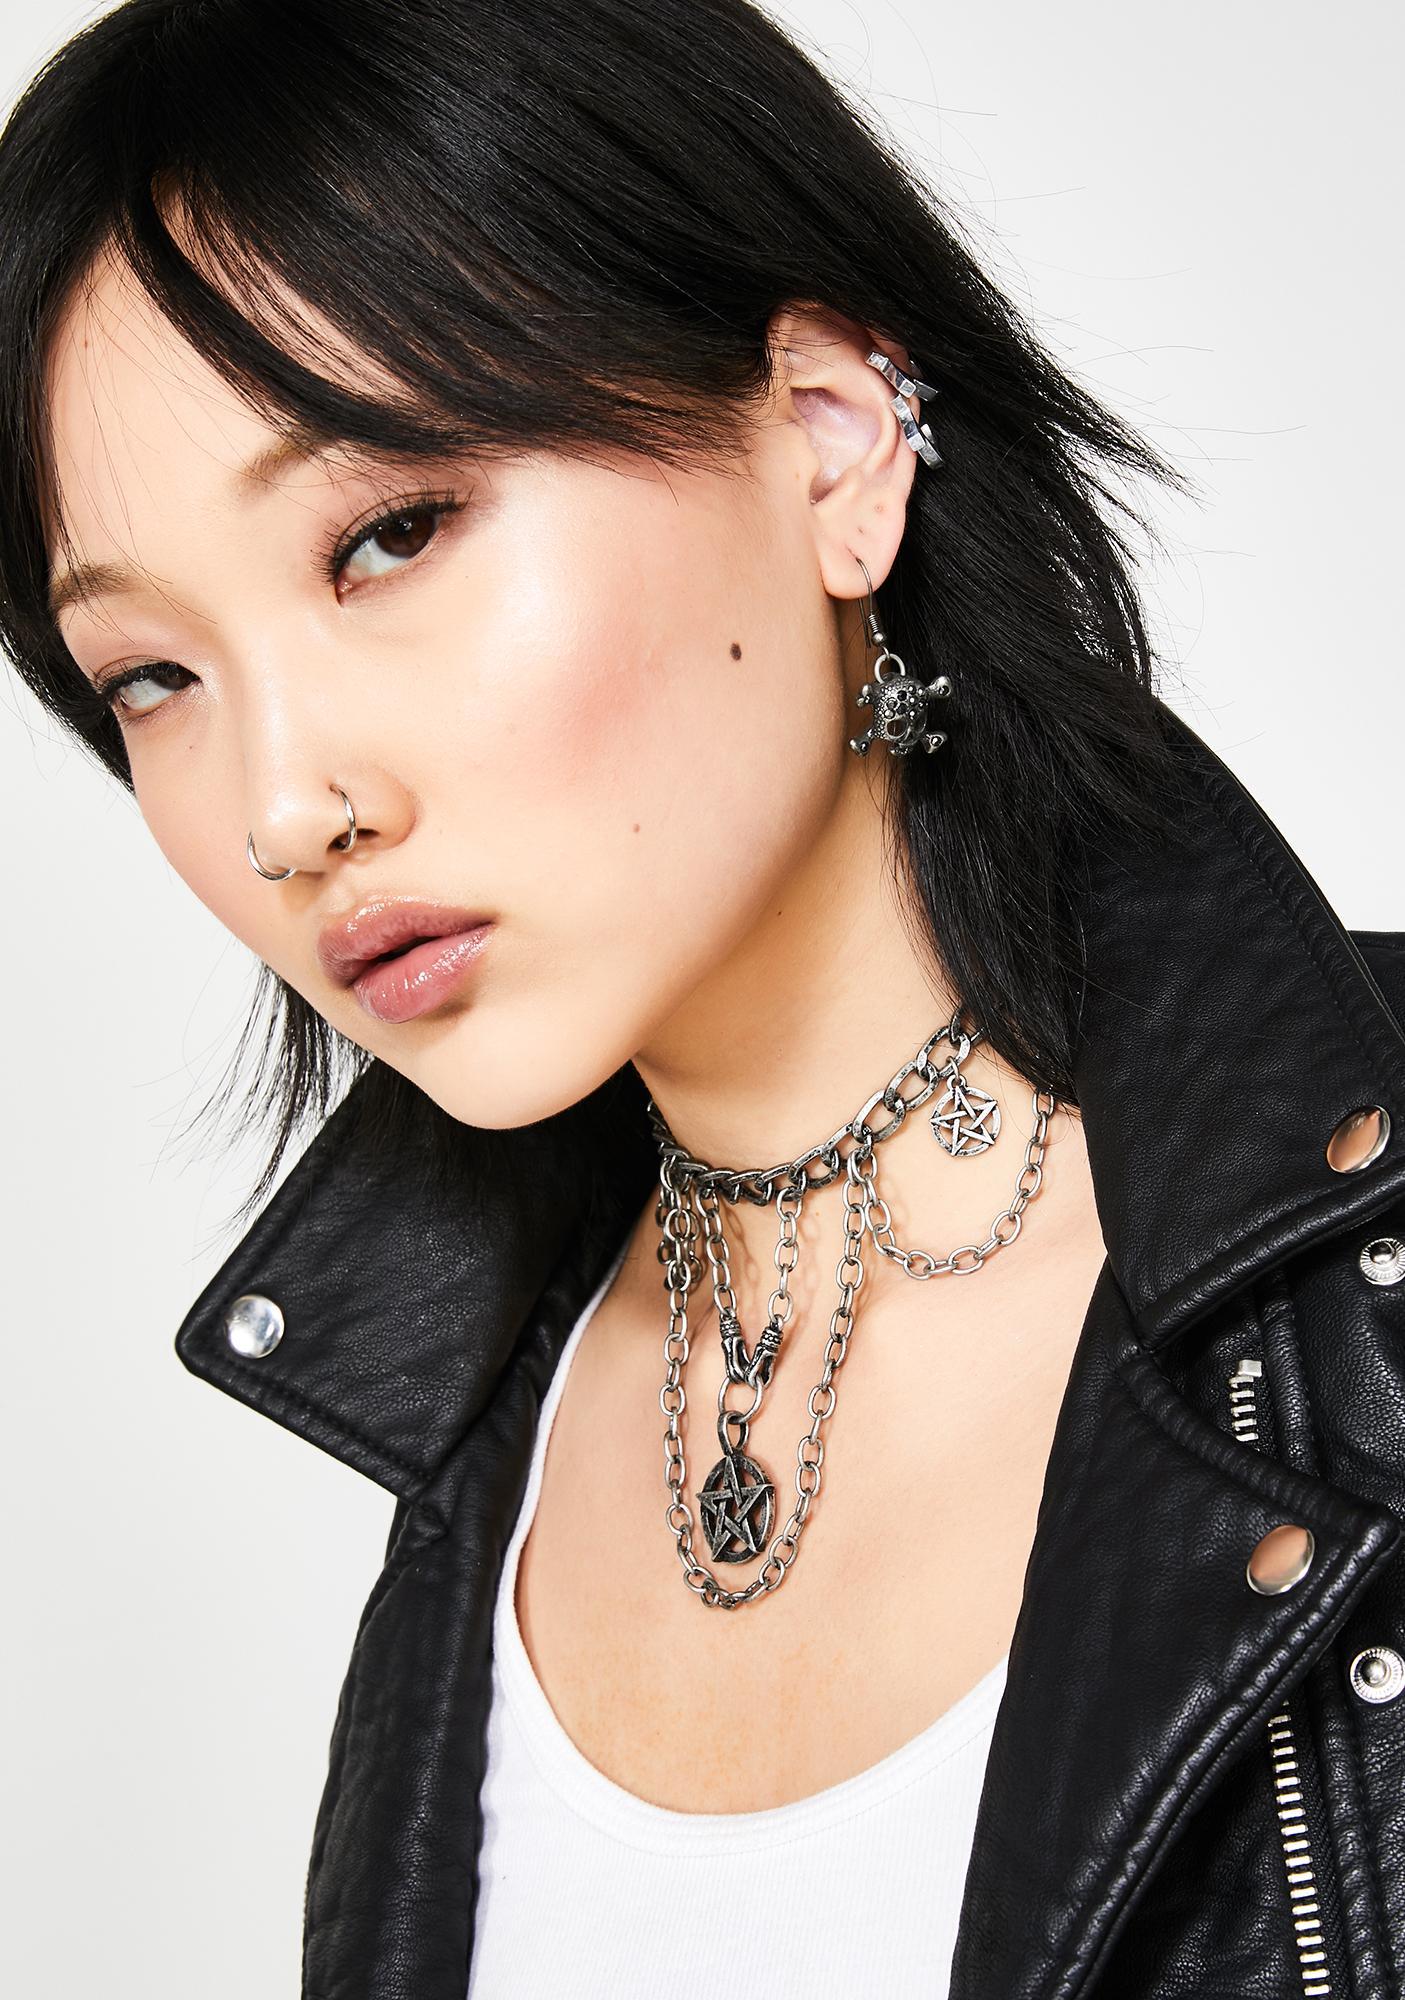 Toxxic Baddie Skull Earrings